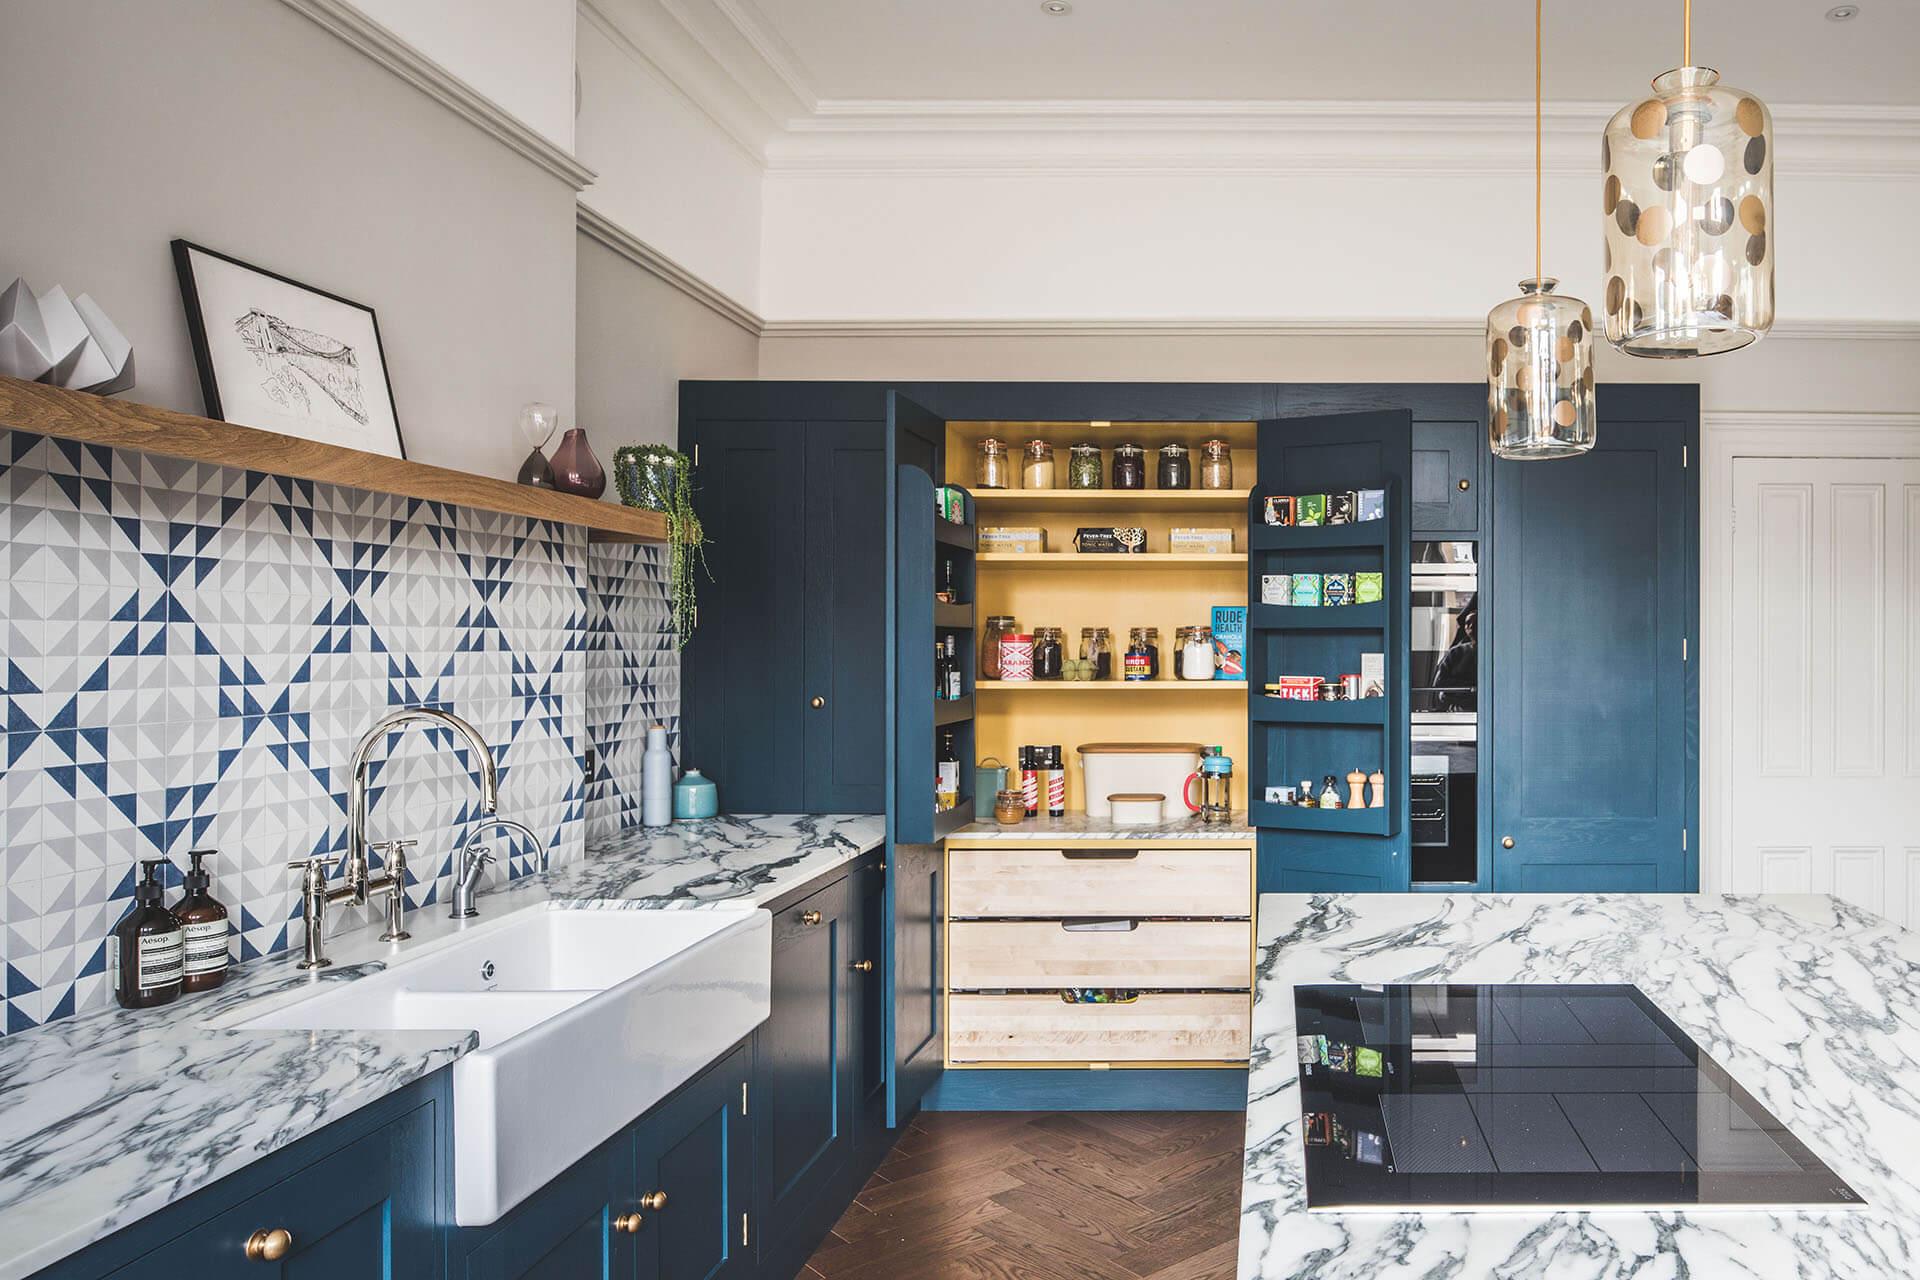 couleur foncee cuisine bleu peinture carrelage